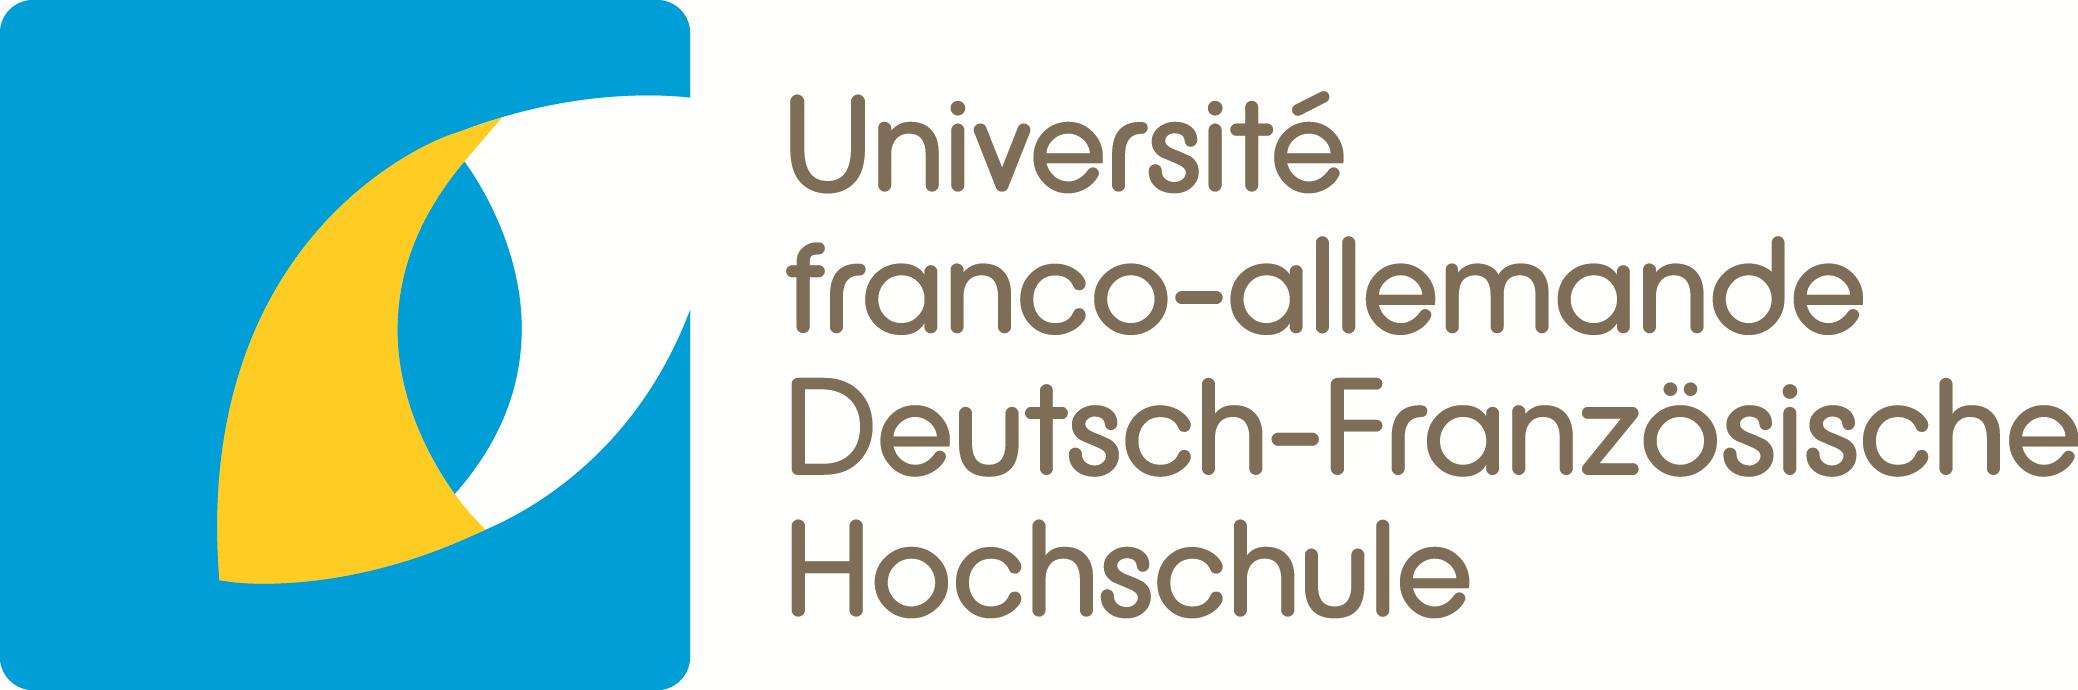 Deutsch-Französische Hochschule (DFH)